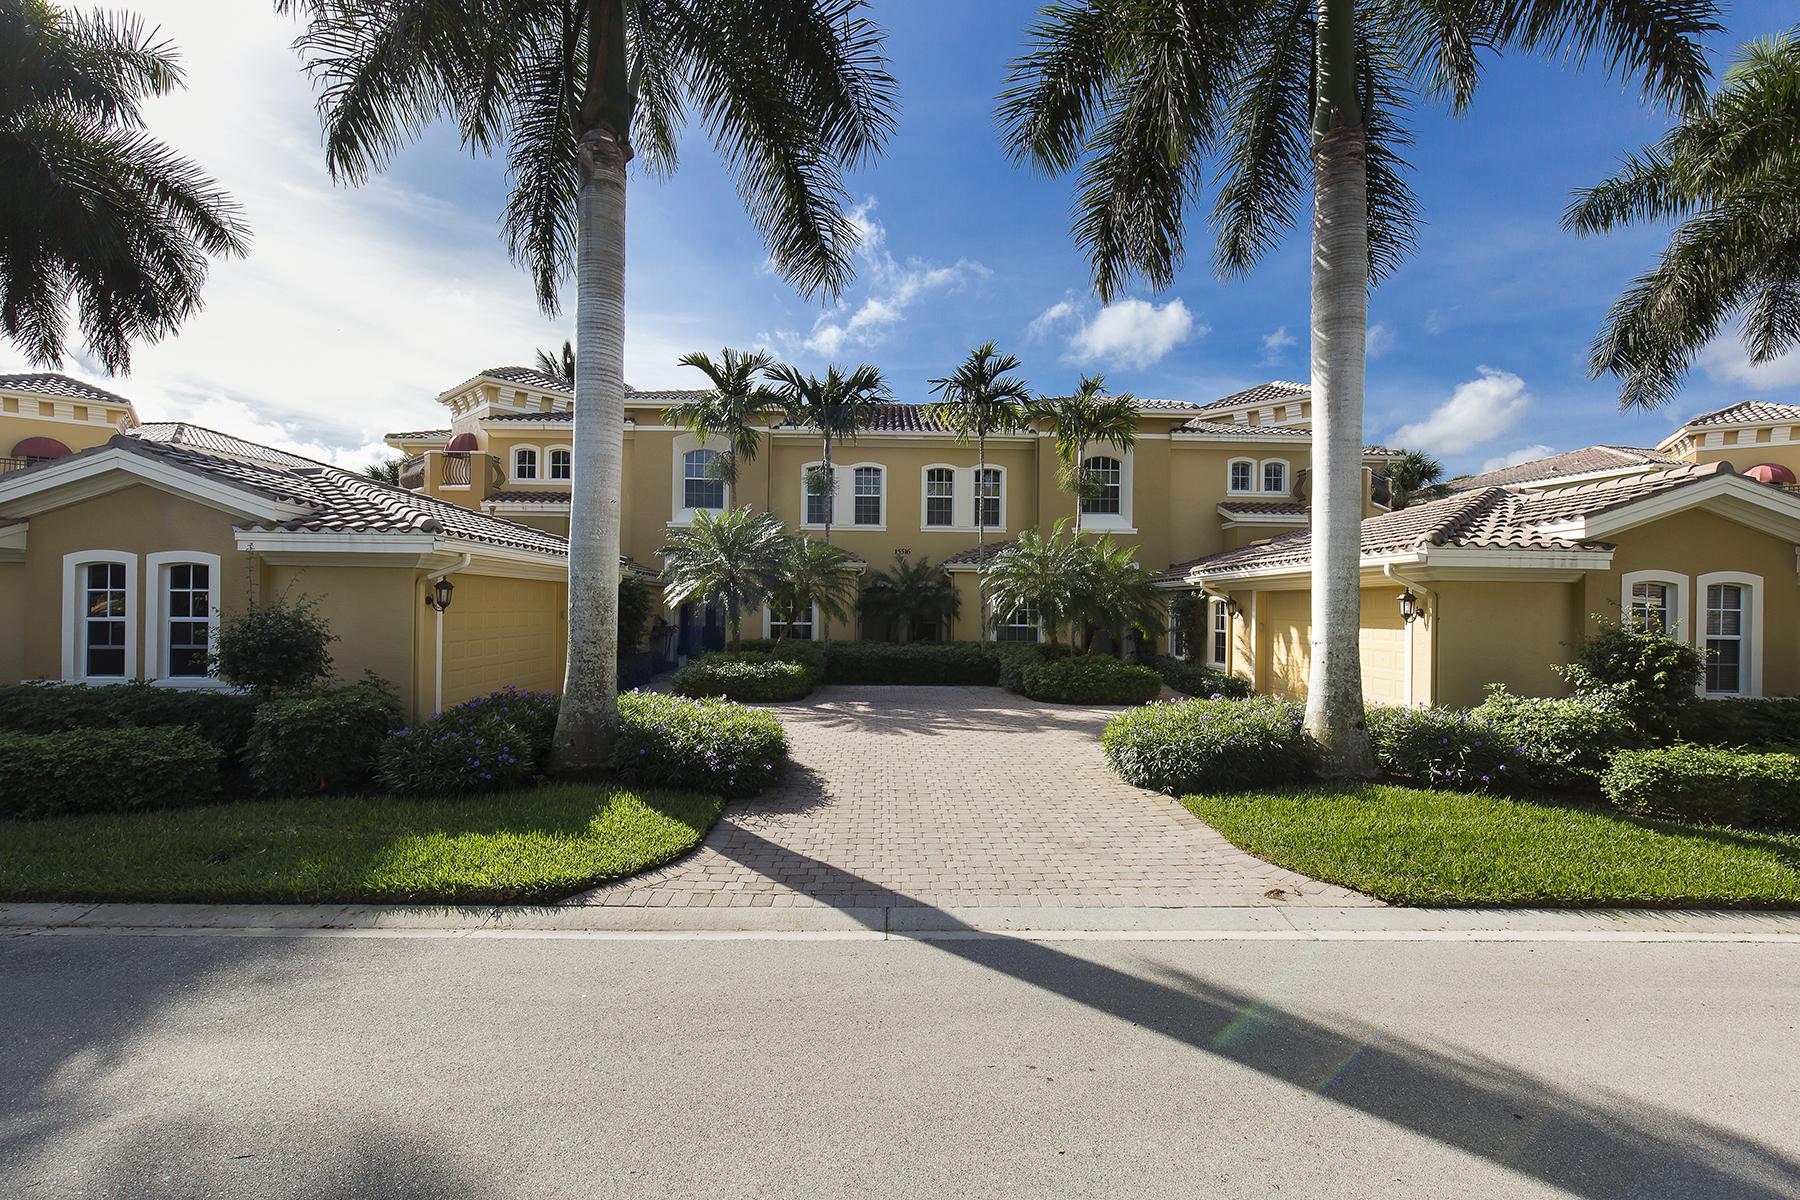 Condominium for Sale at MEDITERRA - MONTAROSSO 15516 Monterosso Ln 5-101 Naples, Florida 34110 United States